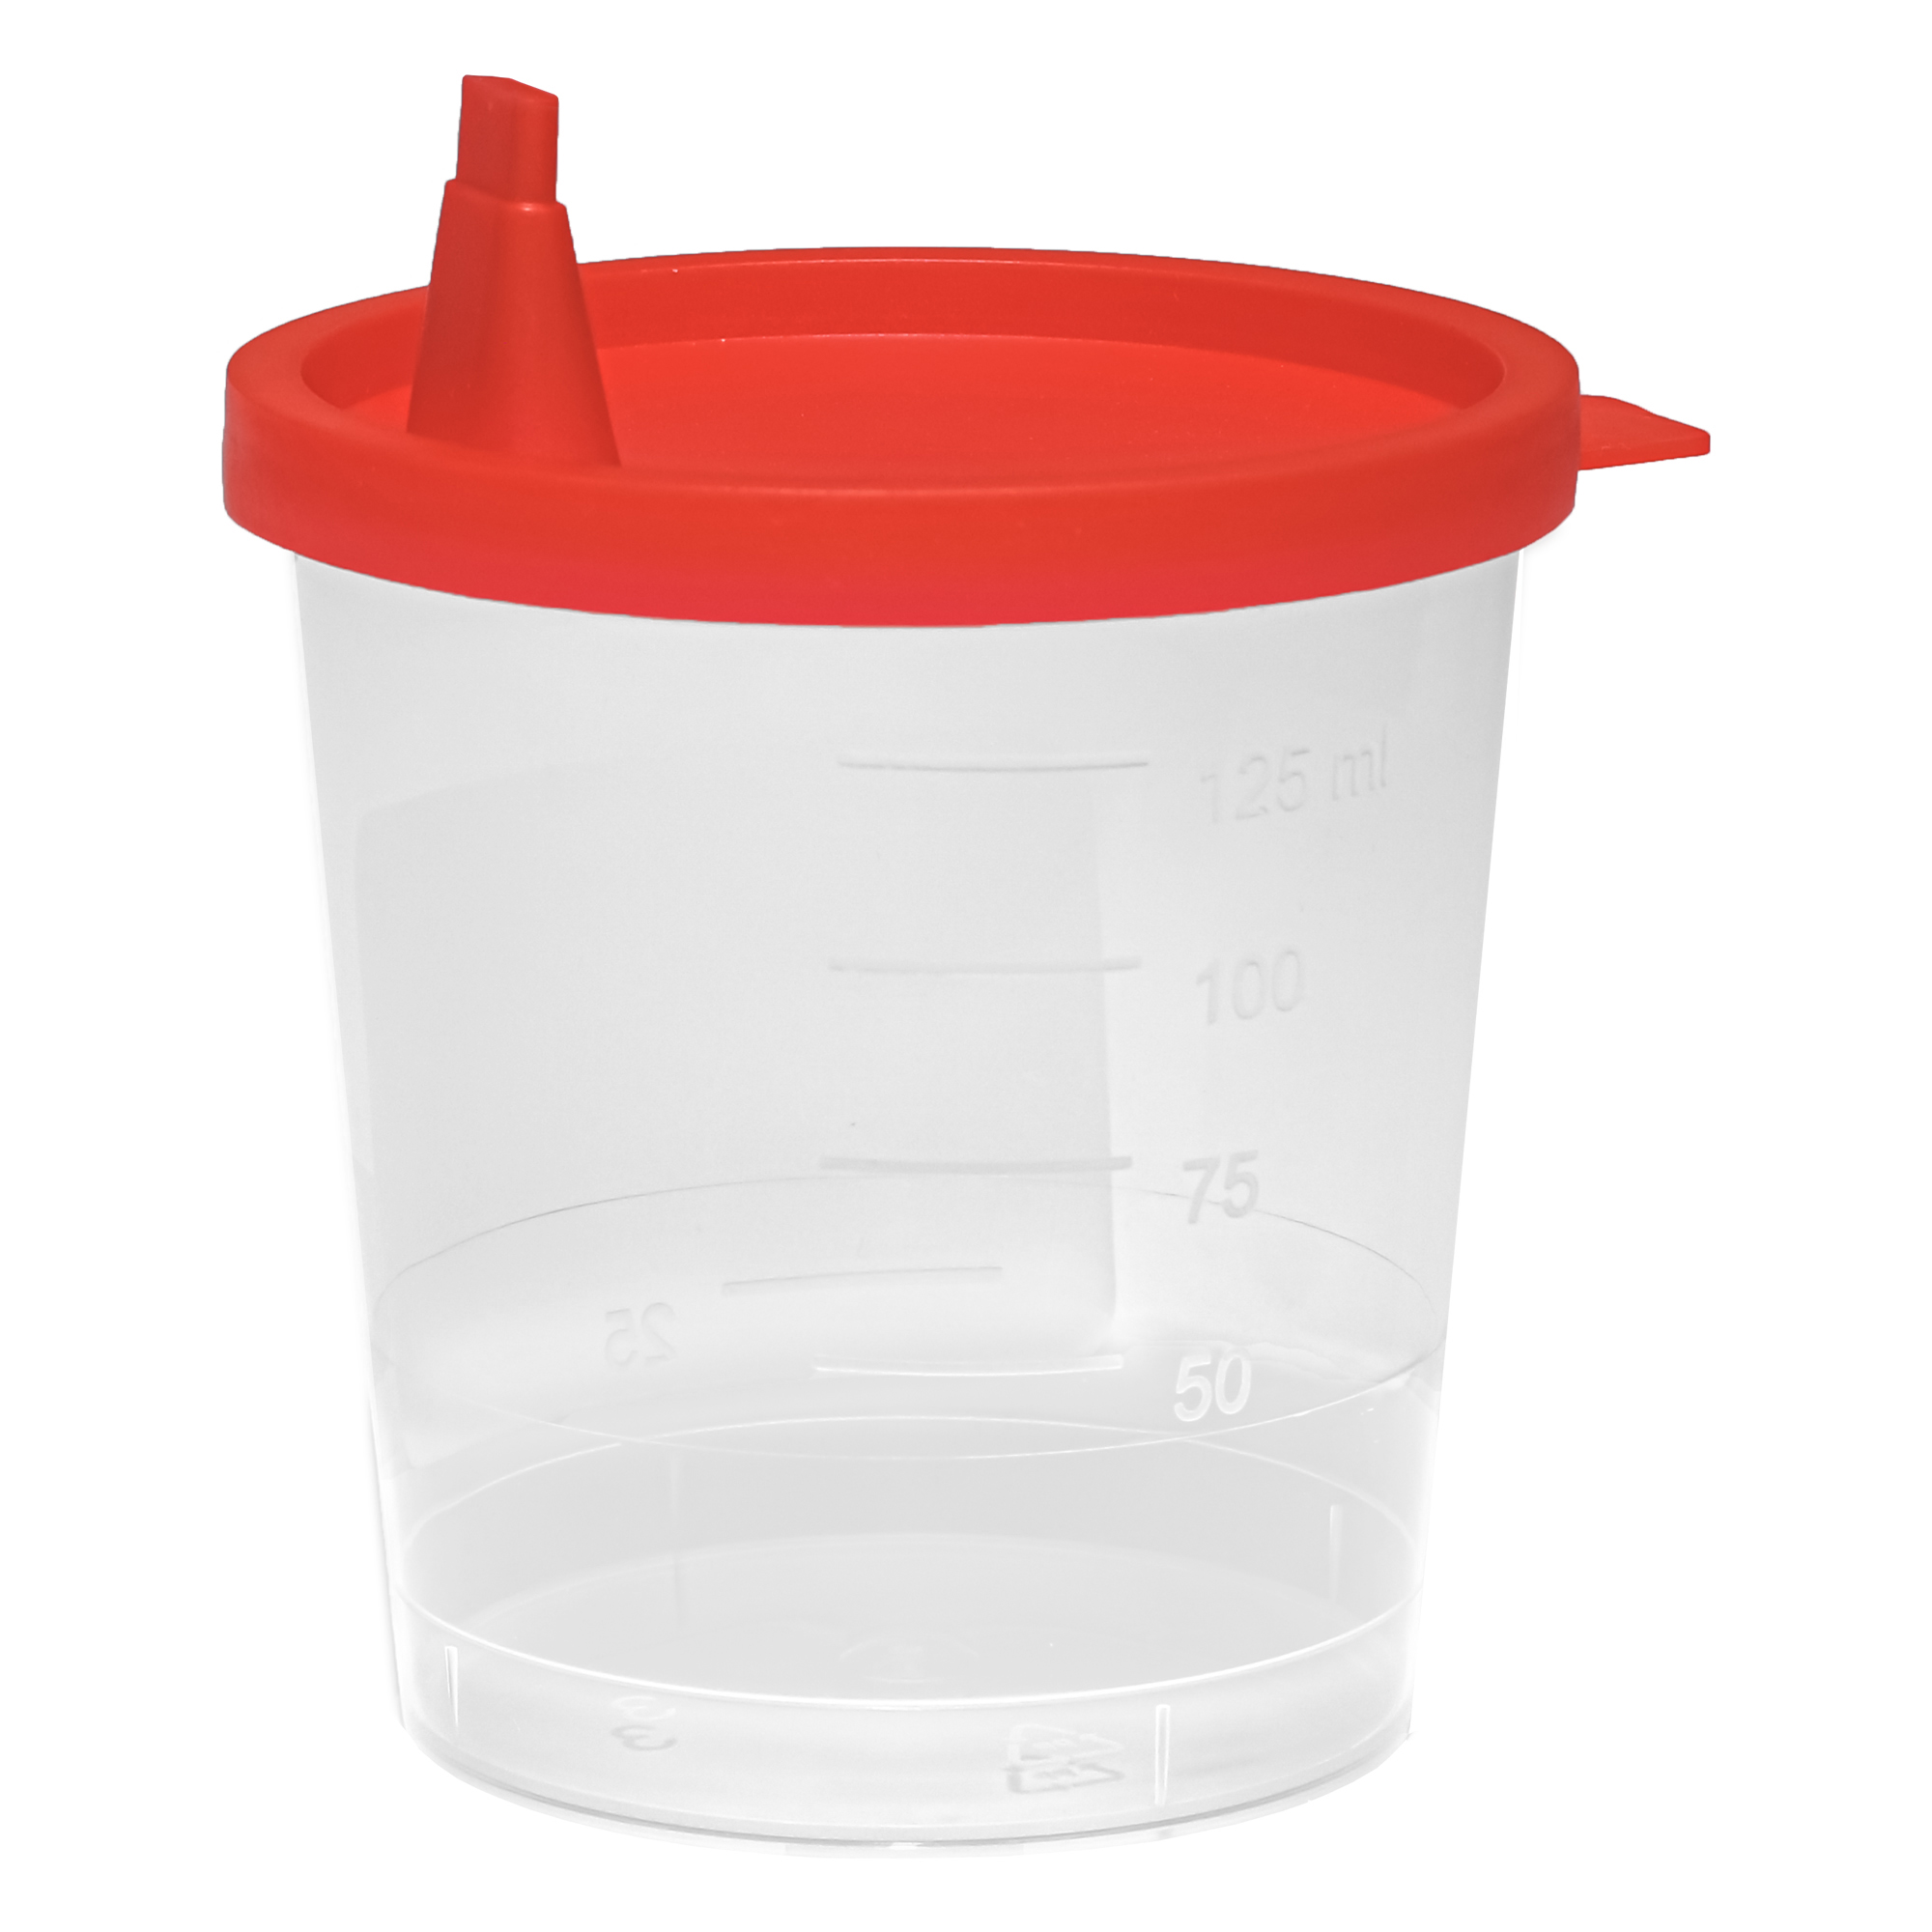 Urinbecher mit Deckel - 125 ml